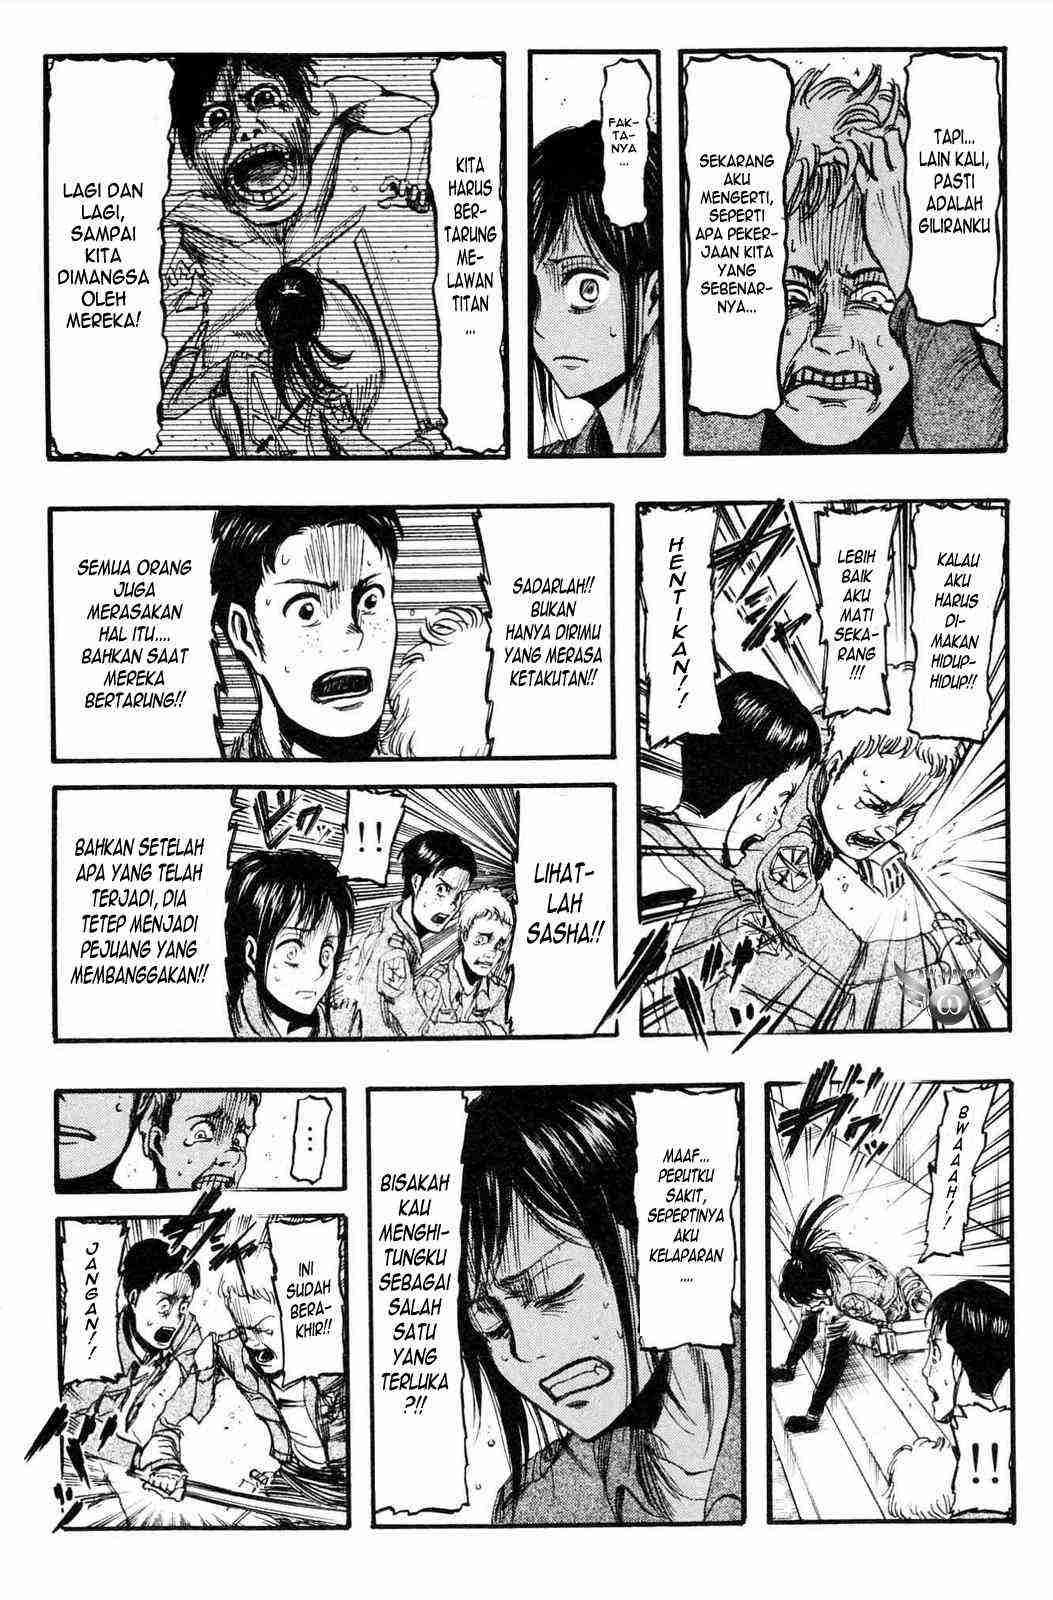 Komik shingeki no kyojin 011 12 Indonesia shingeki no kyojin 011 Terbaru 9 Baca Manga Komik Indonesia 